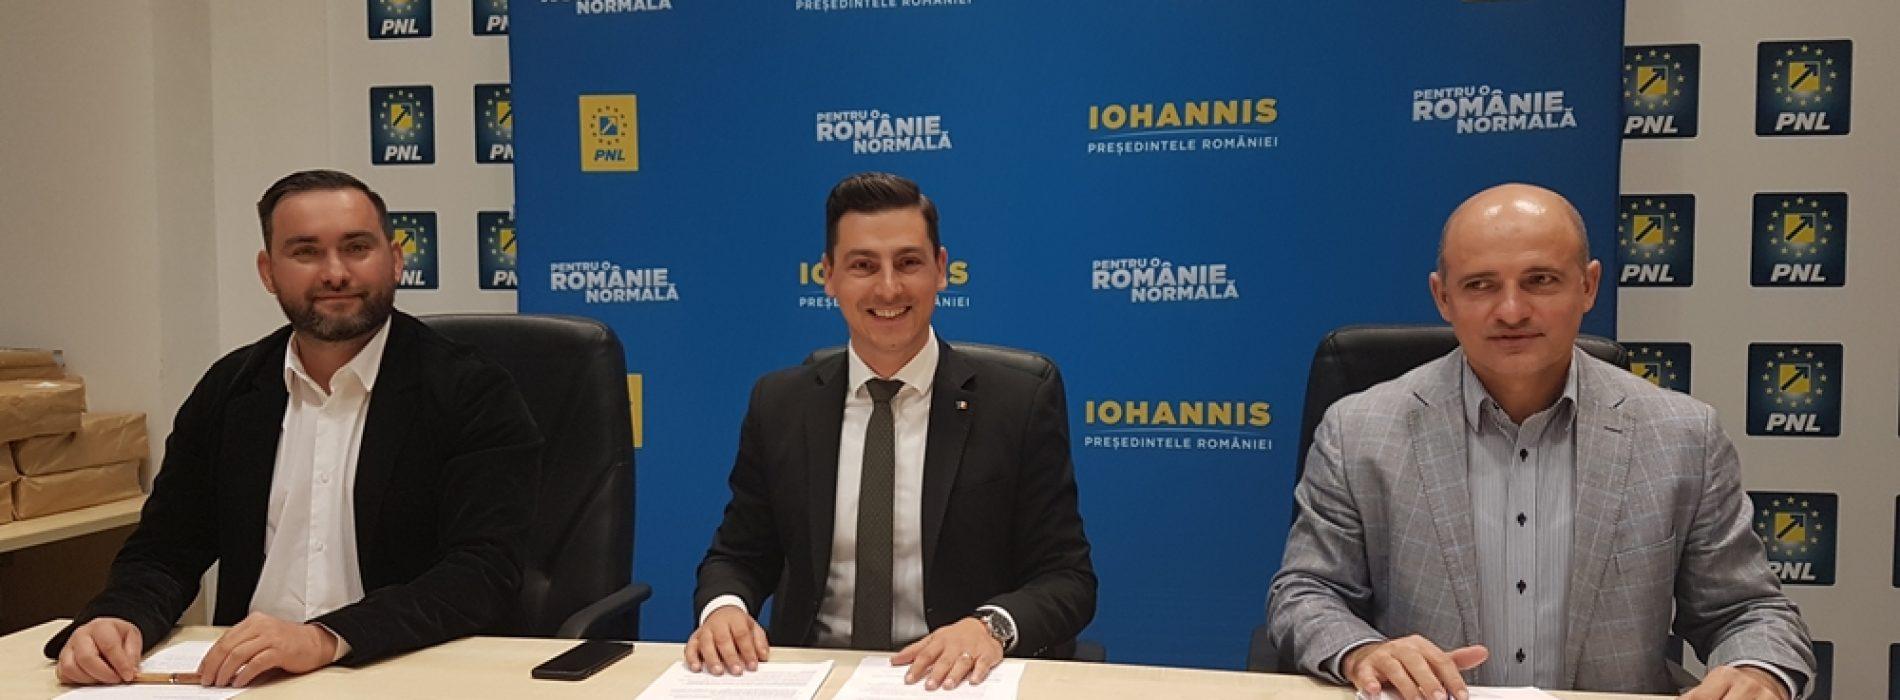 """Ionel Bogdan, președinte PNL Maramureș: """"Avem asigurate peste 233 de voturi pentru învestitura guvernului Orban"""""""